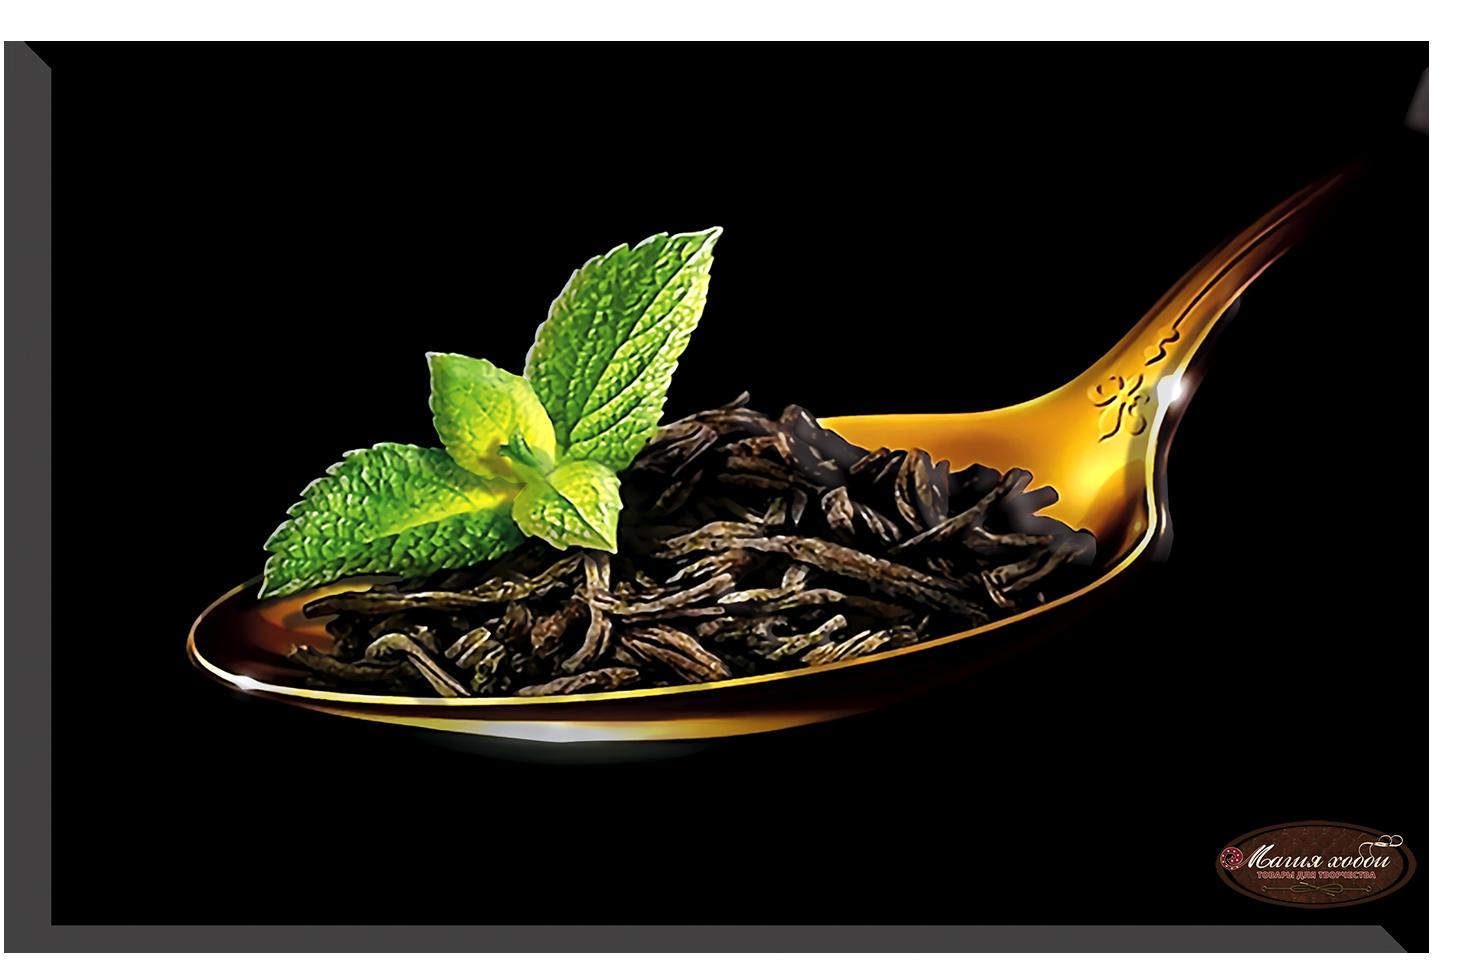 Чай с мятой, Размер: 15*20